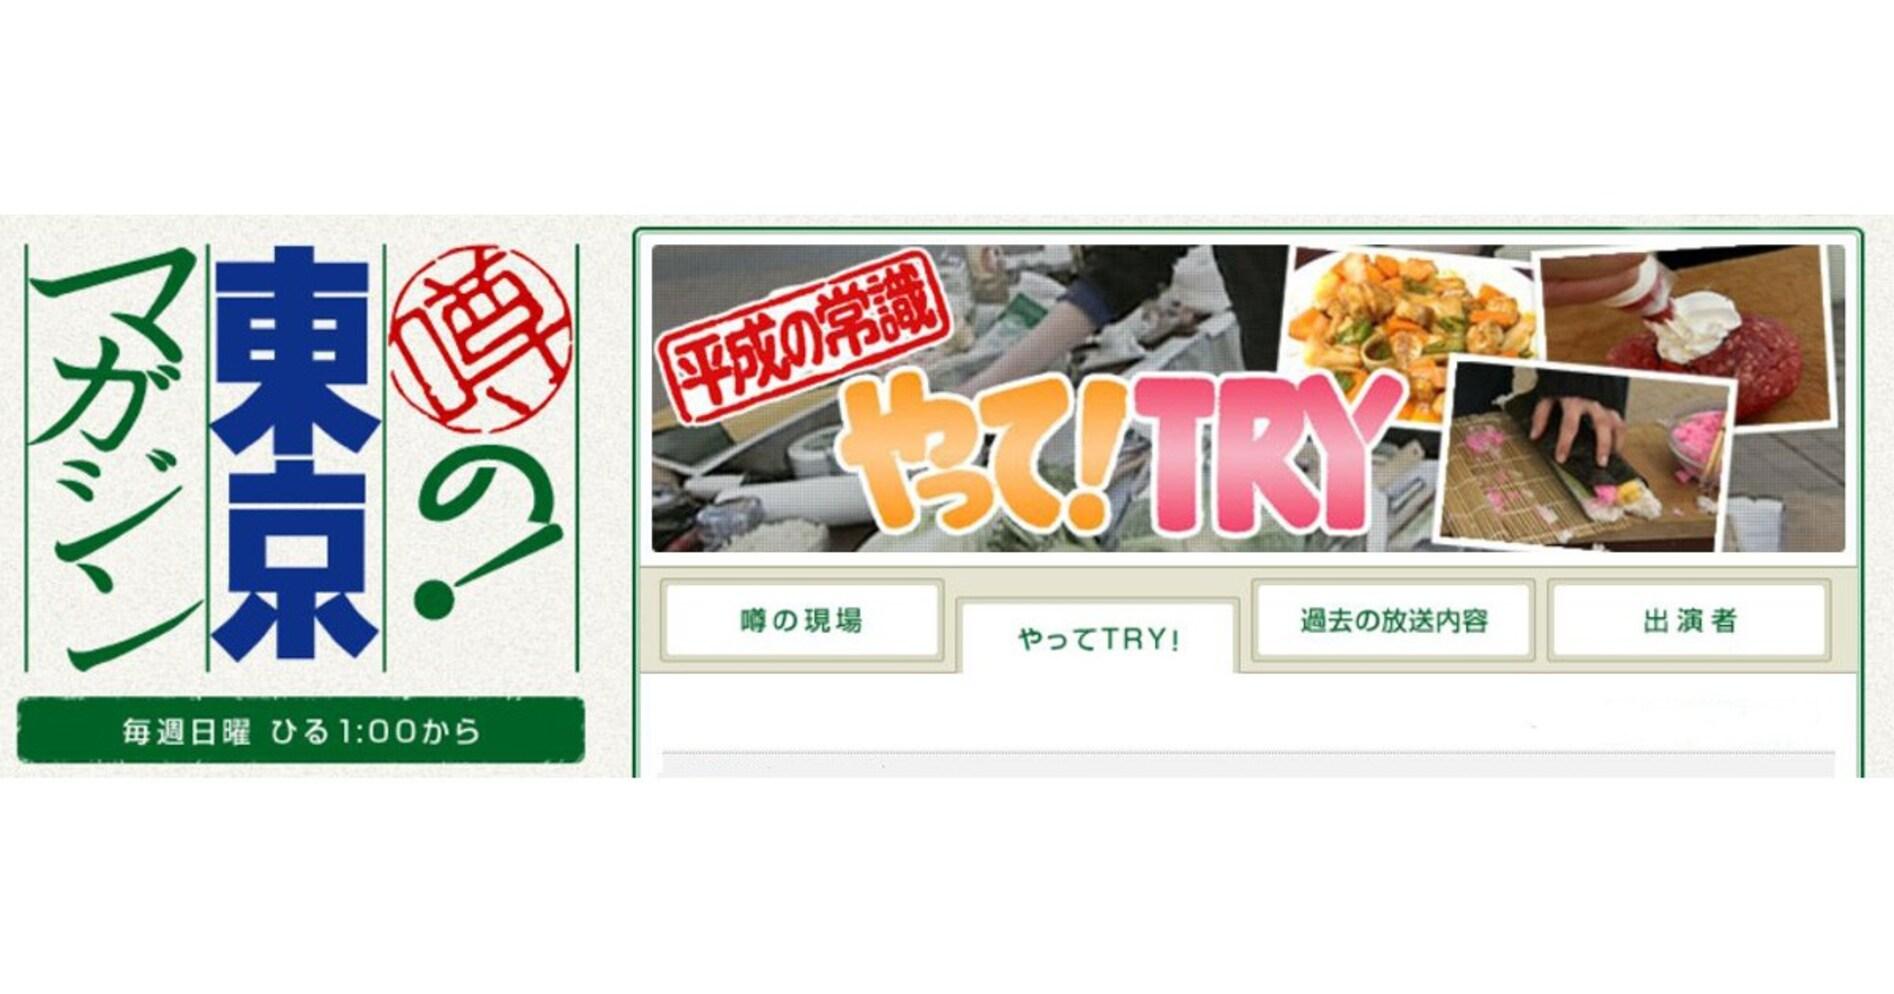 女性差別or老人差別? いっそのこと『噂の!東京マガジン』を「PG60指定」すれば解決するのでは…